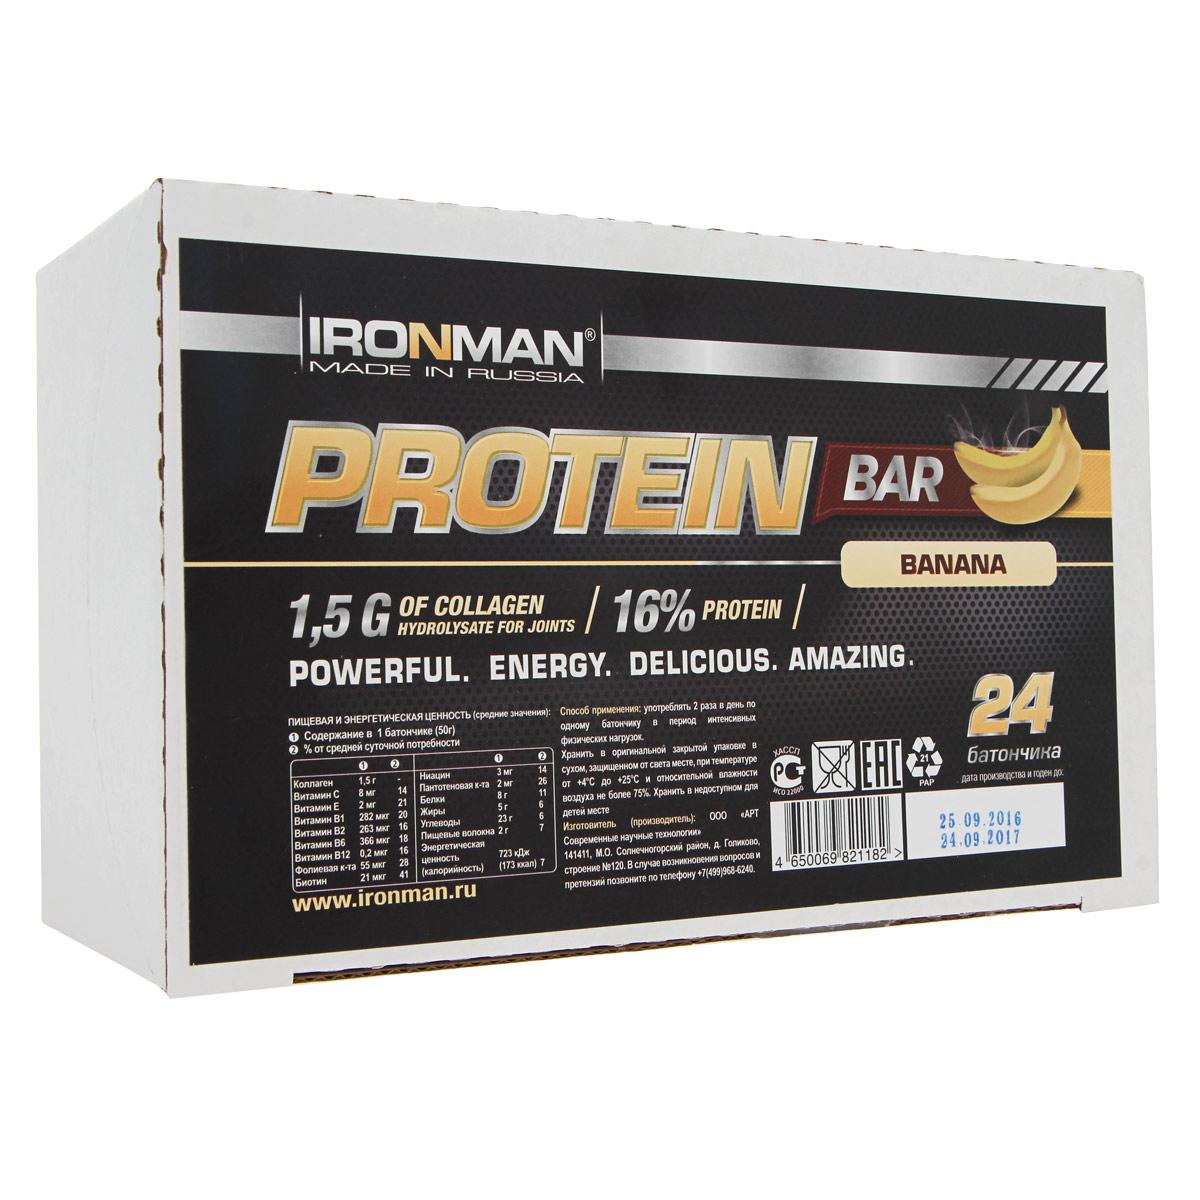 Батончик энергетический Ironman Protein Bar, с коллагеном, банан, темная глазурь, 50 г х 24 шт4650069821182Энергетический протеиновый батончик Protein Bar с коллагеном. Этот высокобелковый батончик является прекрасным источником ценных и легкоусвояемых протеинов. Состав: глюкозный сироп, шоколадная глазурь, концентрат сывороточного белка, концентрат молочного белка, кокосовая стружка, мальтодекстрин, сахарный сироп, гидролизат коллагена, шоколадная крошка, какао-порошок, глицерин, жир кондитерский, исправленная вода, сорбат калия, ароматизатор идентичный натуральному, смесь витаминов, аскорбиновая кислота. Пищевая ценность на 100 г: Белки 16 г, коллаген 1,5 г, жиры 11 г, углеводы 48 г, энерг. ценность 355 кКал.Товар сертифицирован.Как повысить эффективность тренировок с помощью спортивного питания? Статья OZON Гид